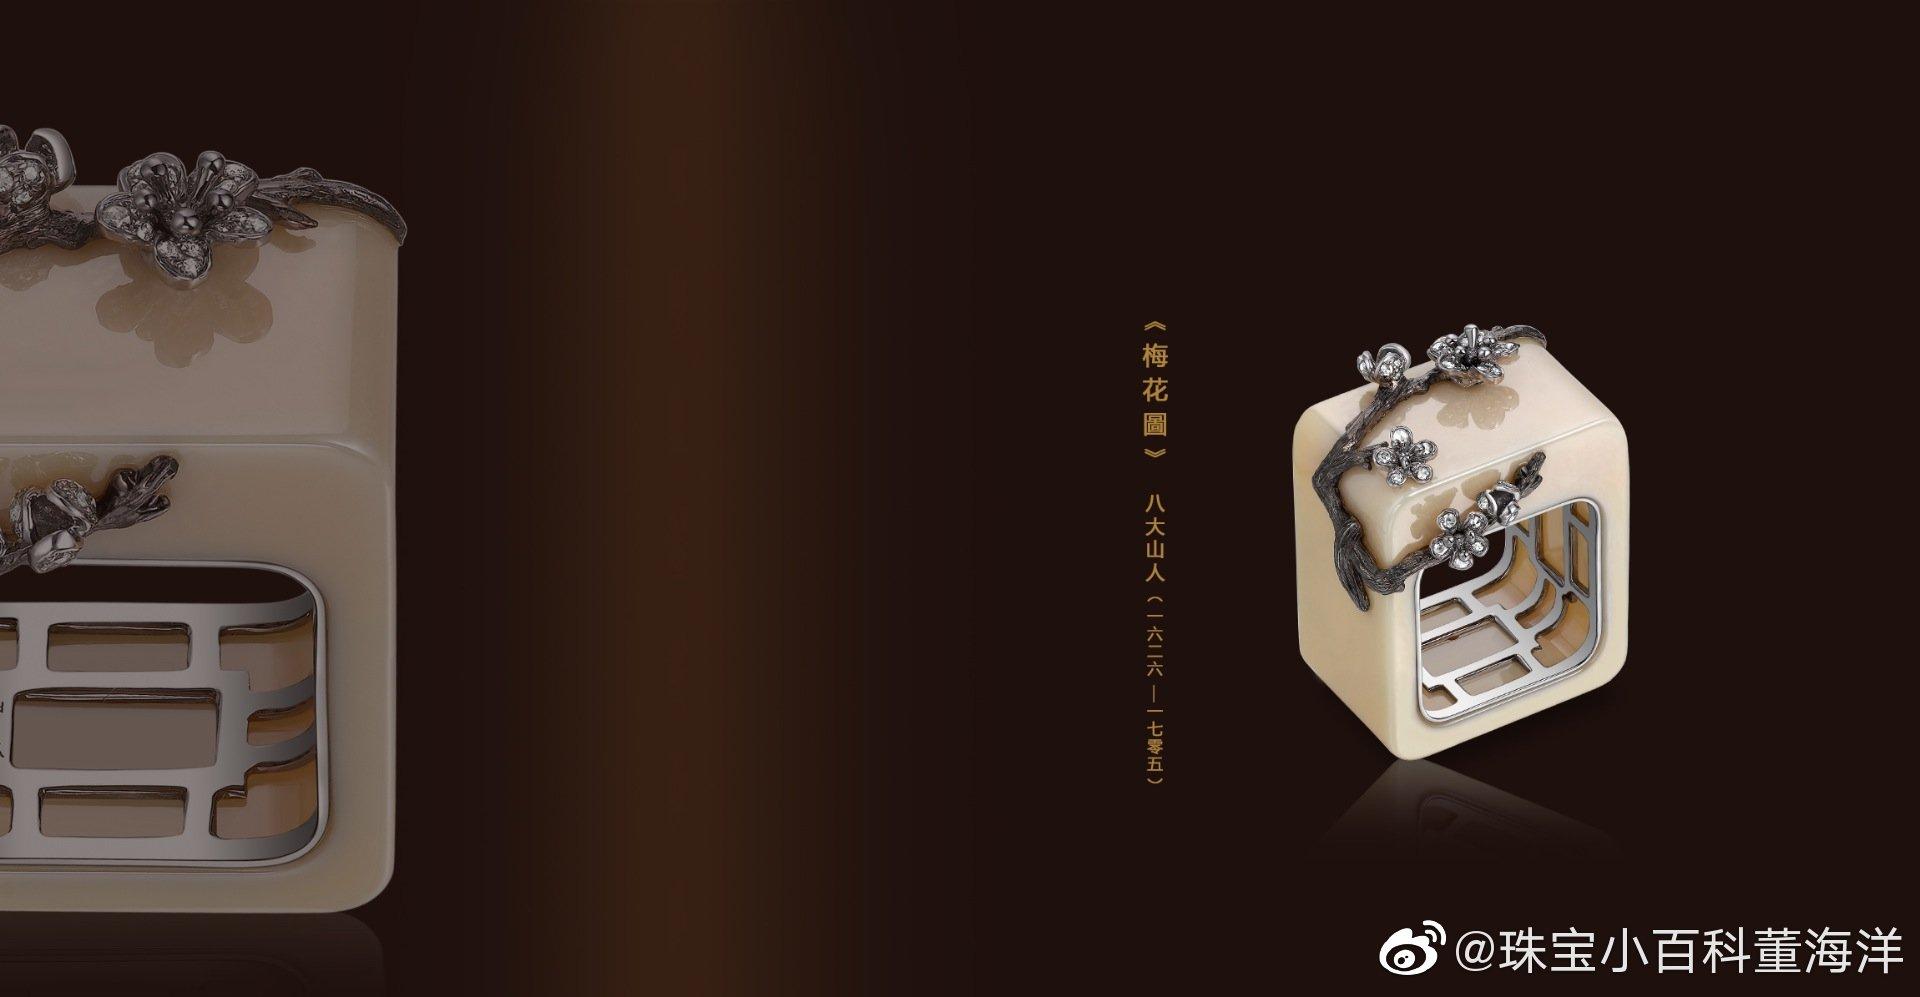 香港珠宝品牌YEWN很有灵气的作品,还曾经被奥巴马夫人佩戴。